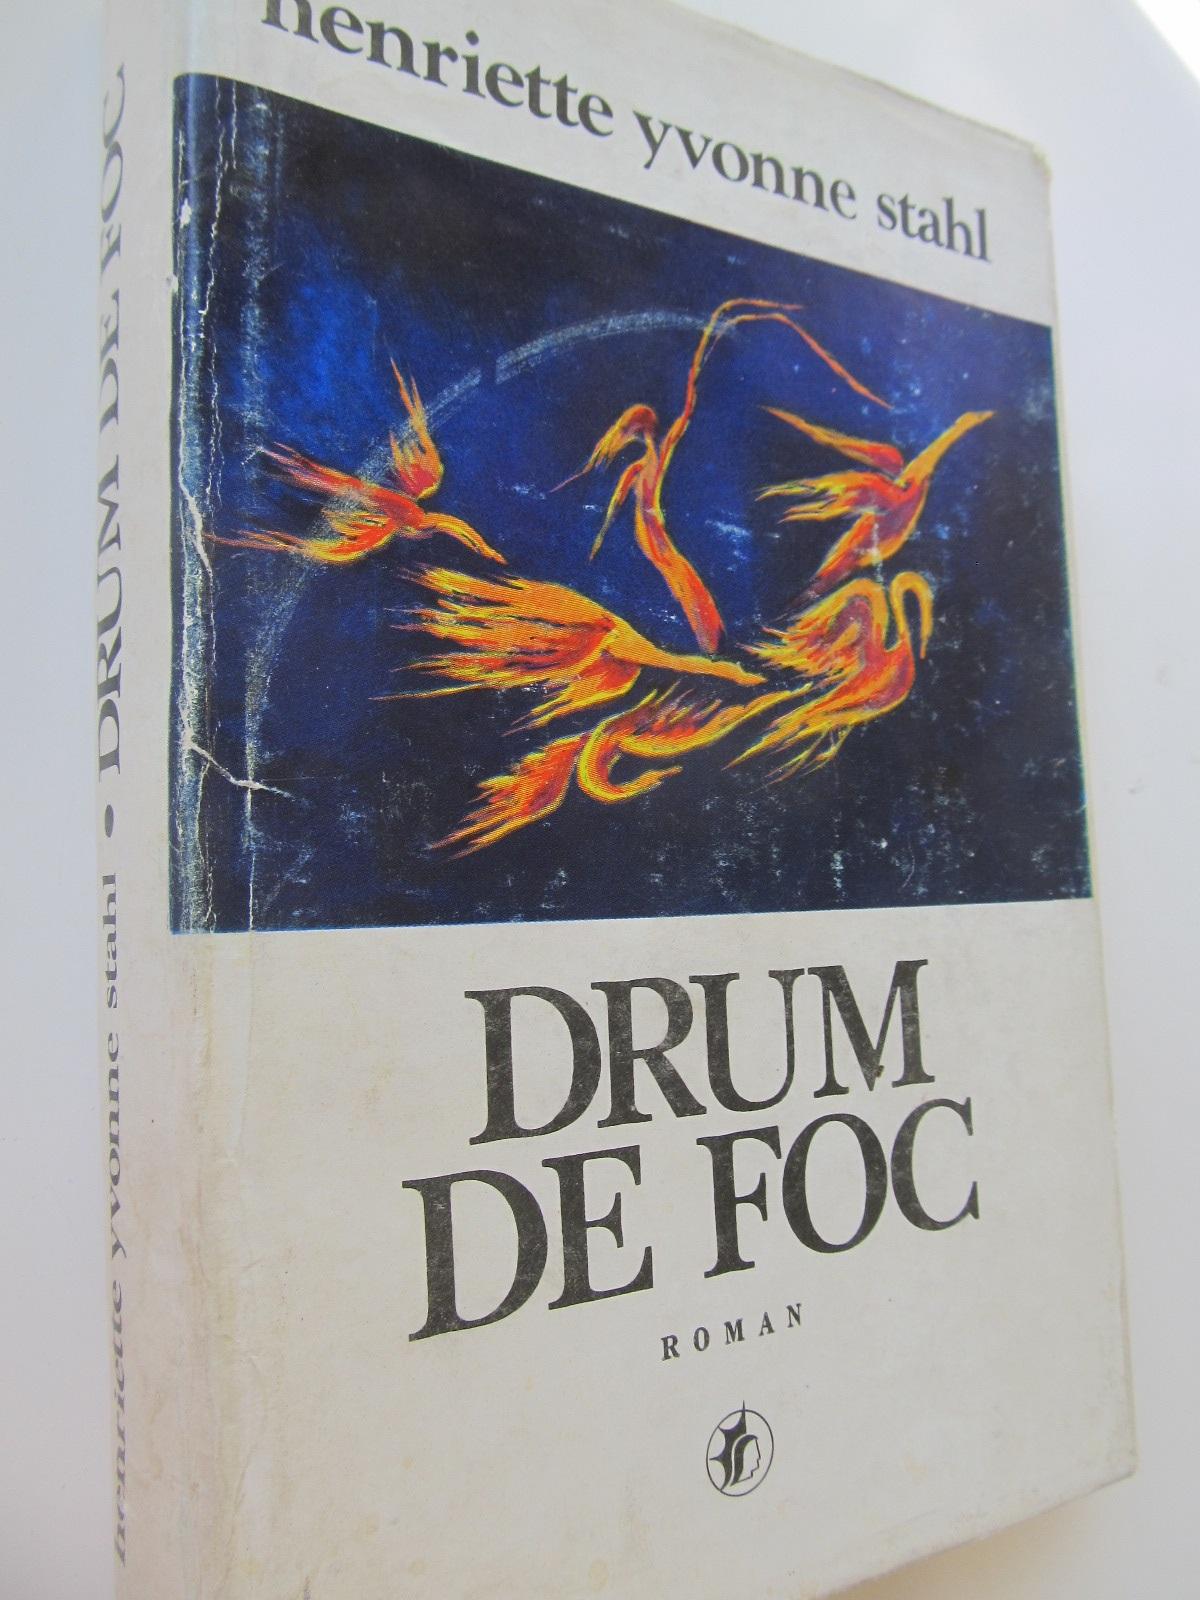 Drum de foc - Henriette Yvonne Stahl | Detalii carte